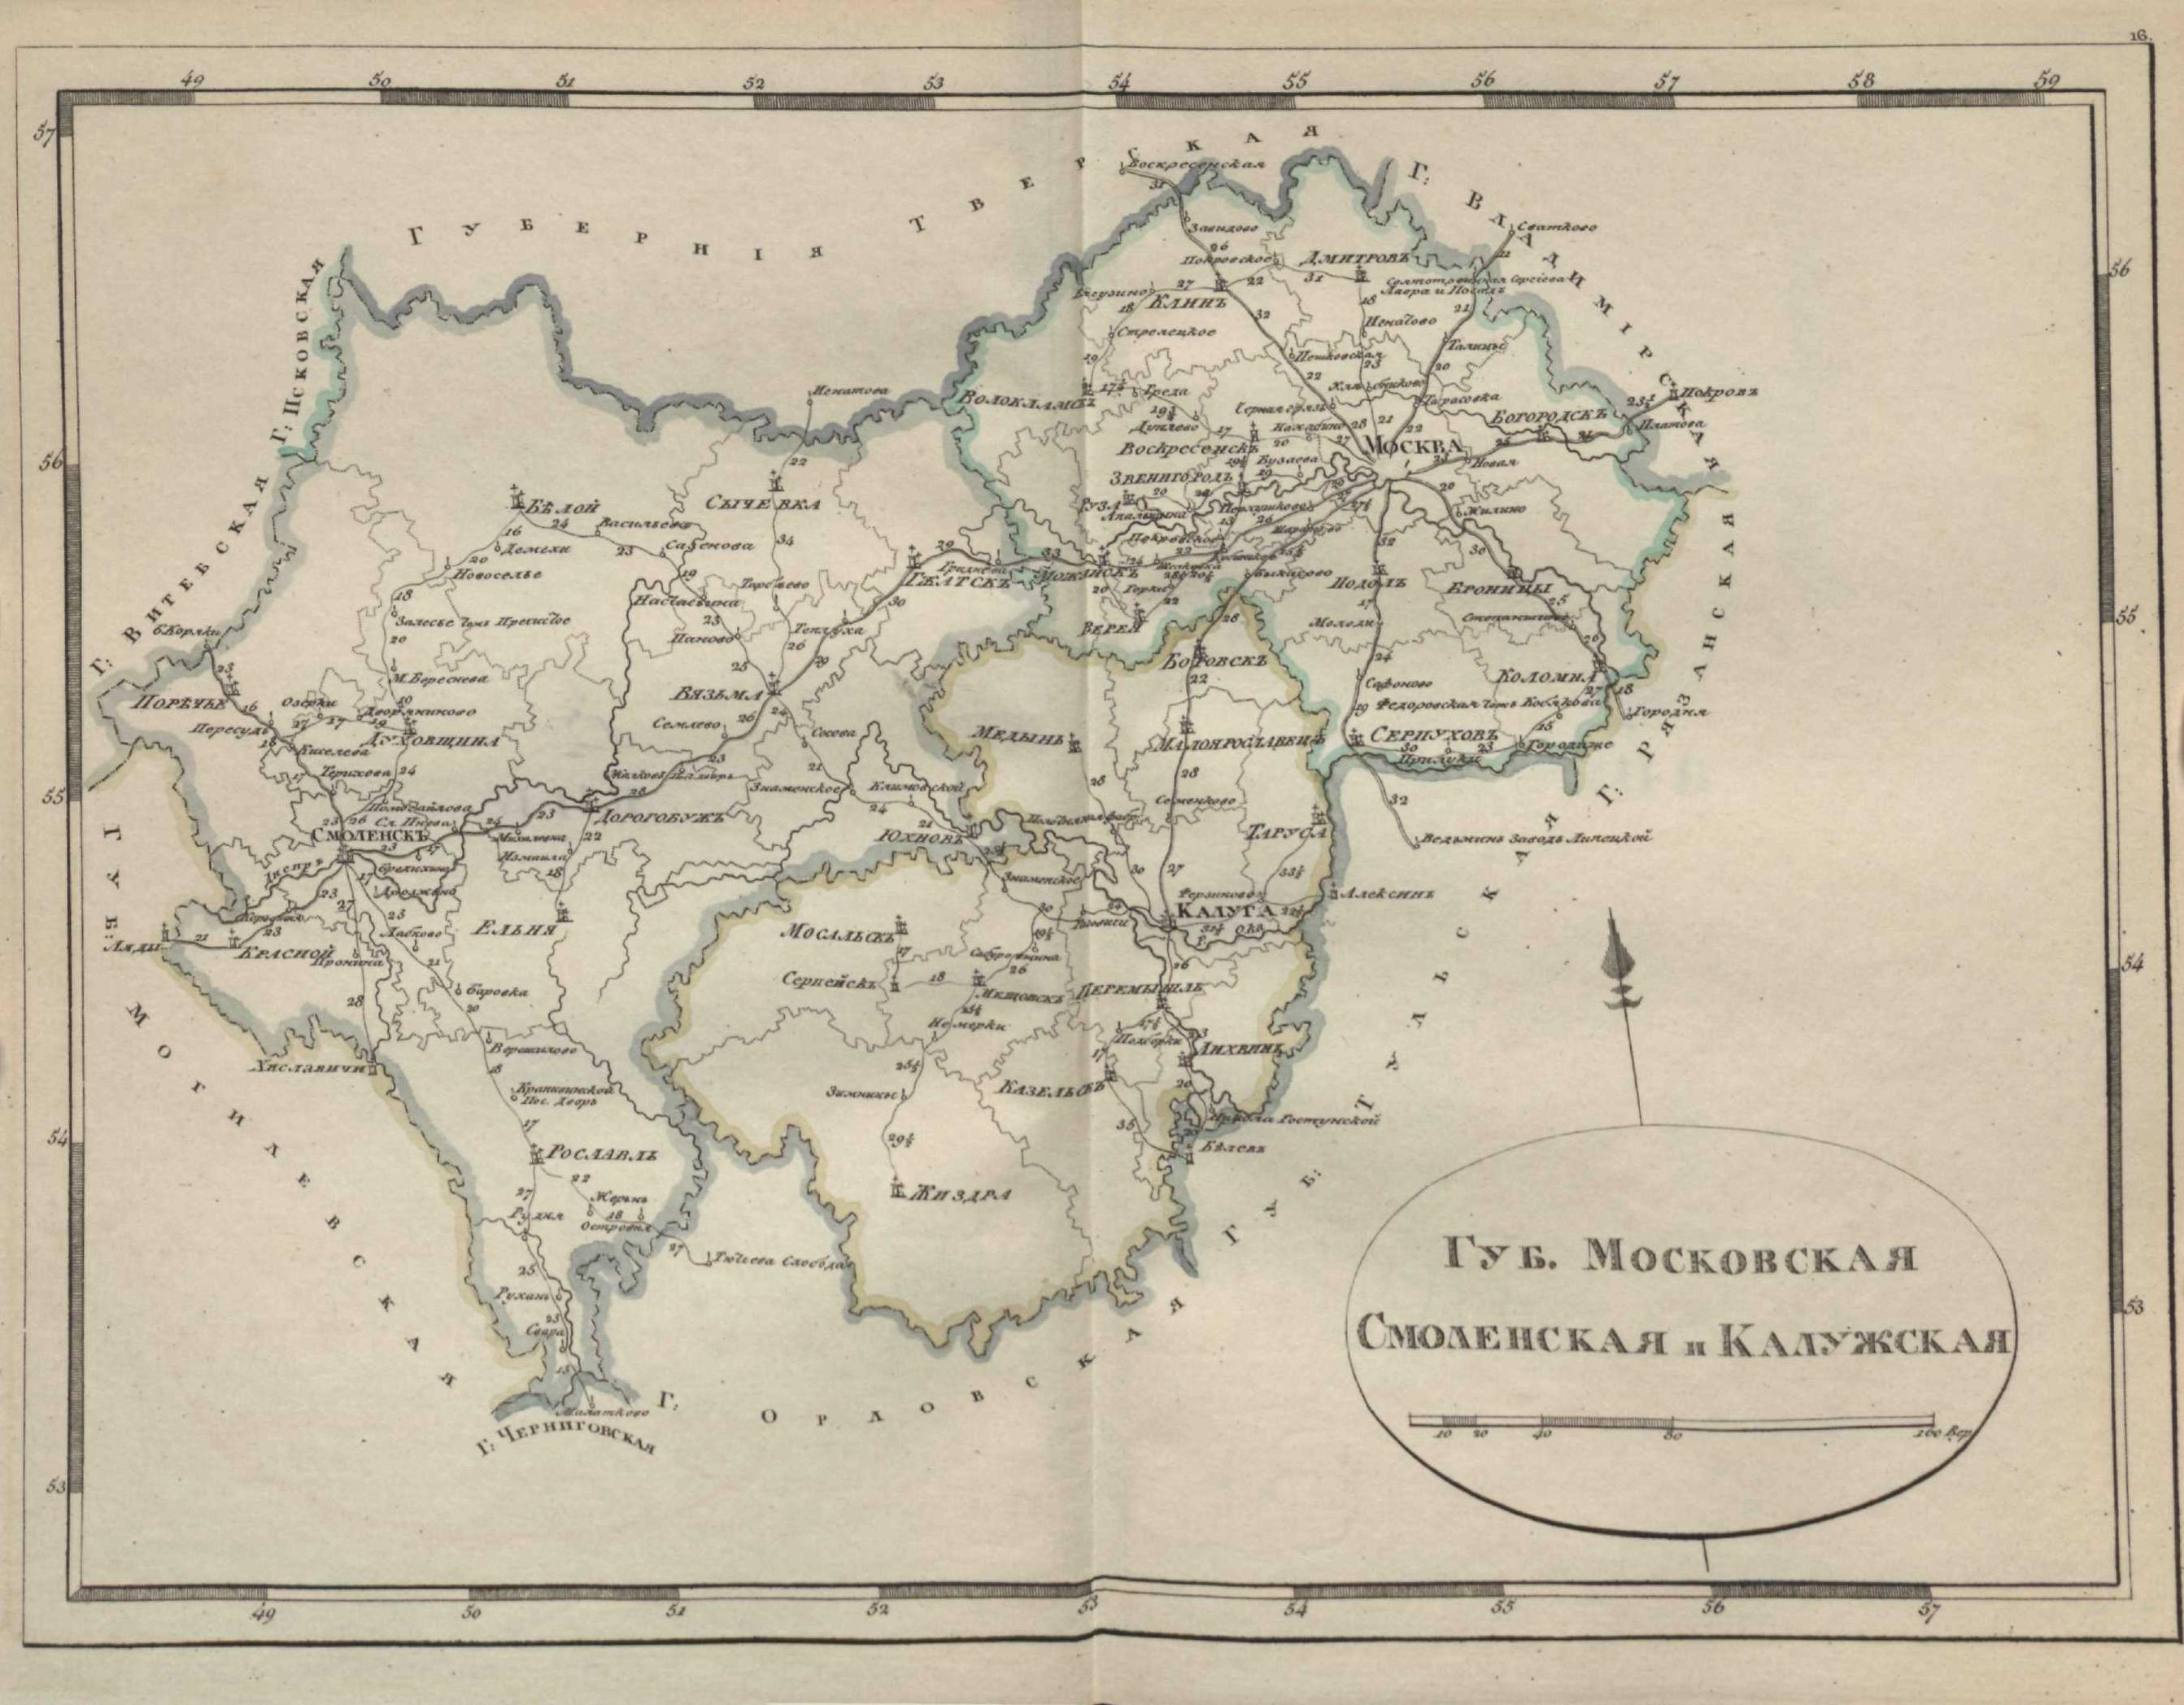 Московская, Калужская и Смоленская губернии